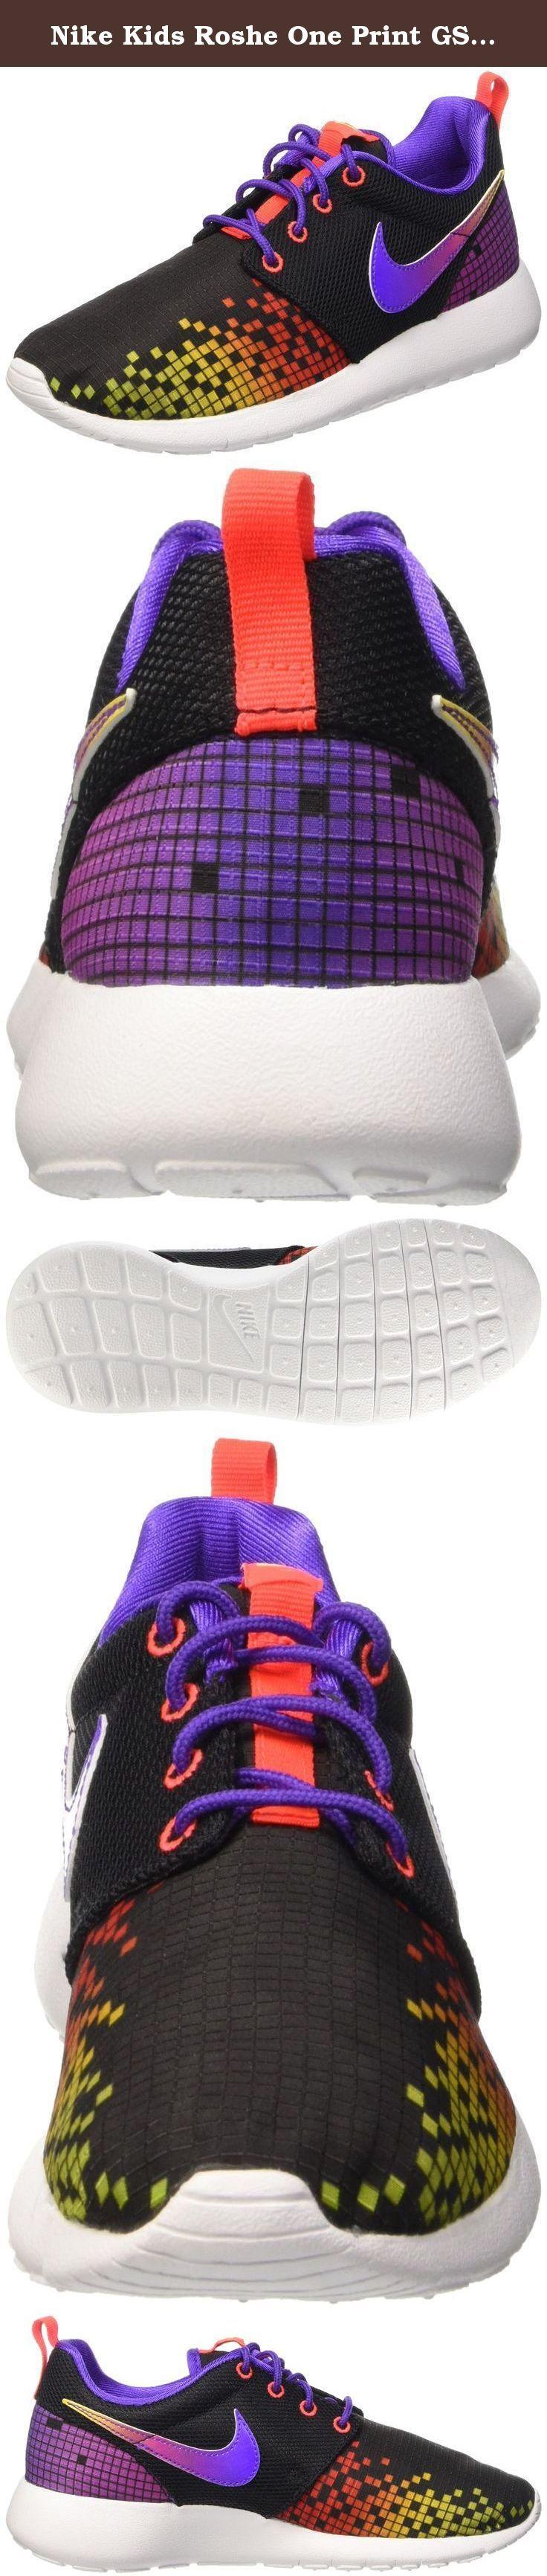 Nike Kids Roshe One Print GS, BLACK/WHITE-HYPER VIOLET-VOLT, Youth Size 5.5. Nike Kid's Roshe One Print GS, BLACK/WHITE-HYPER VIOLET-VOLT, Youth Size 5.5.